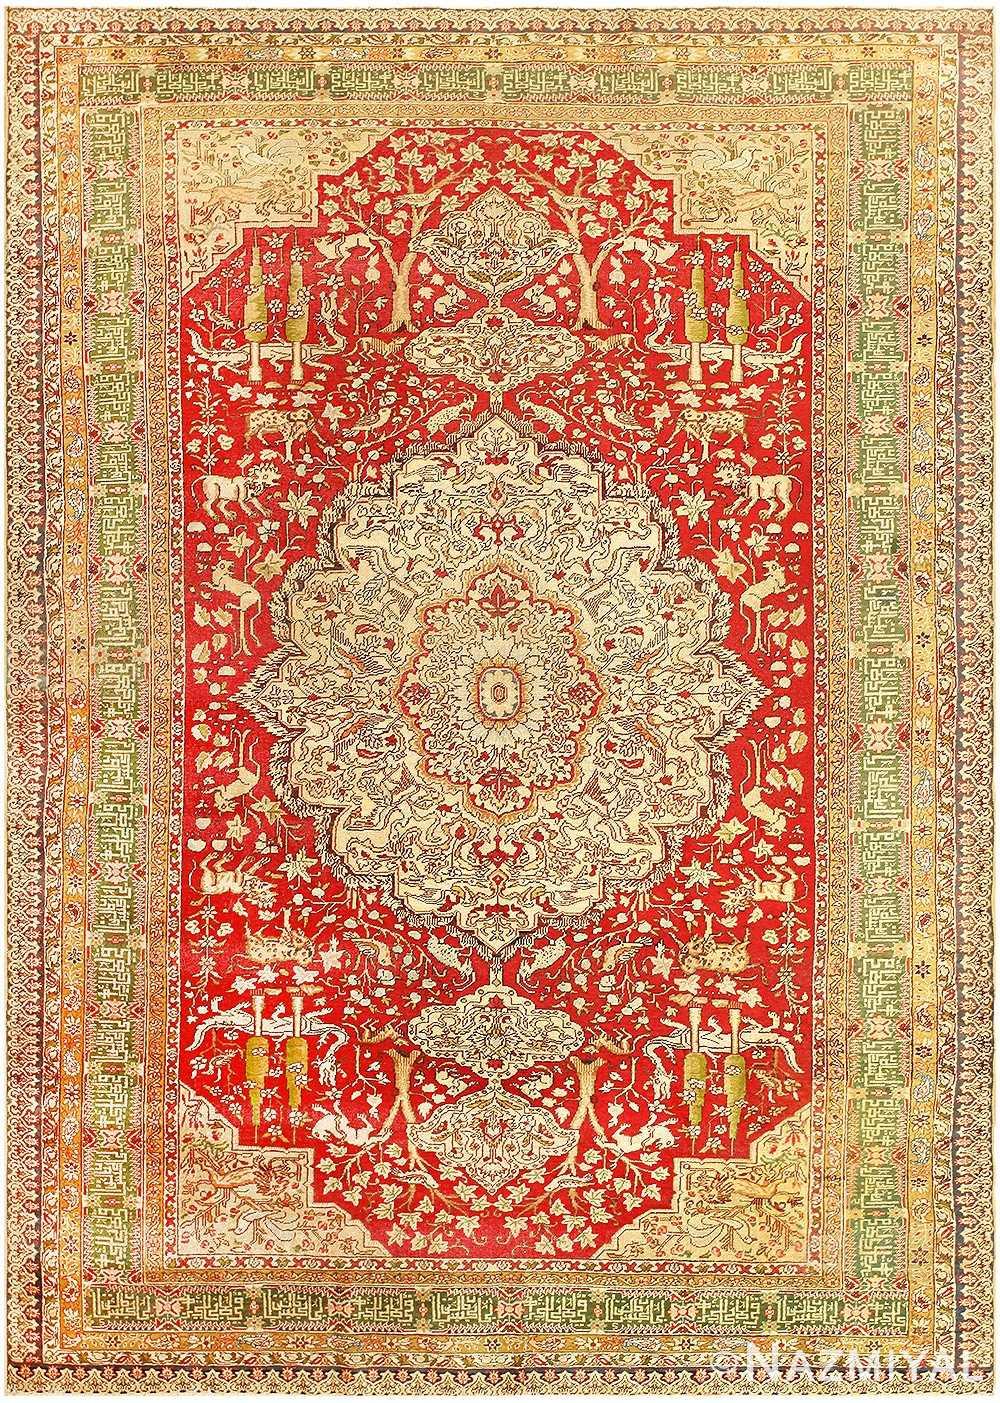 Antique Turkish Keysari Rug 47704 Detail/Large View